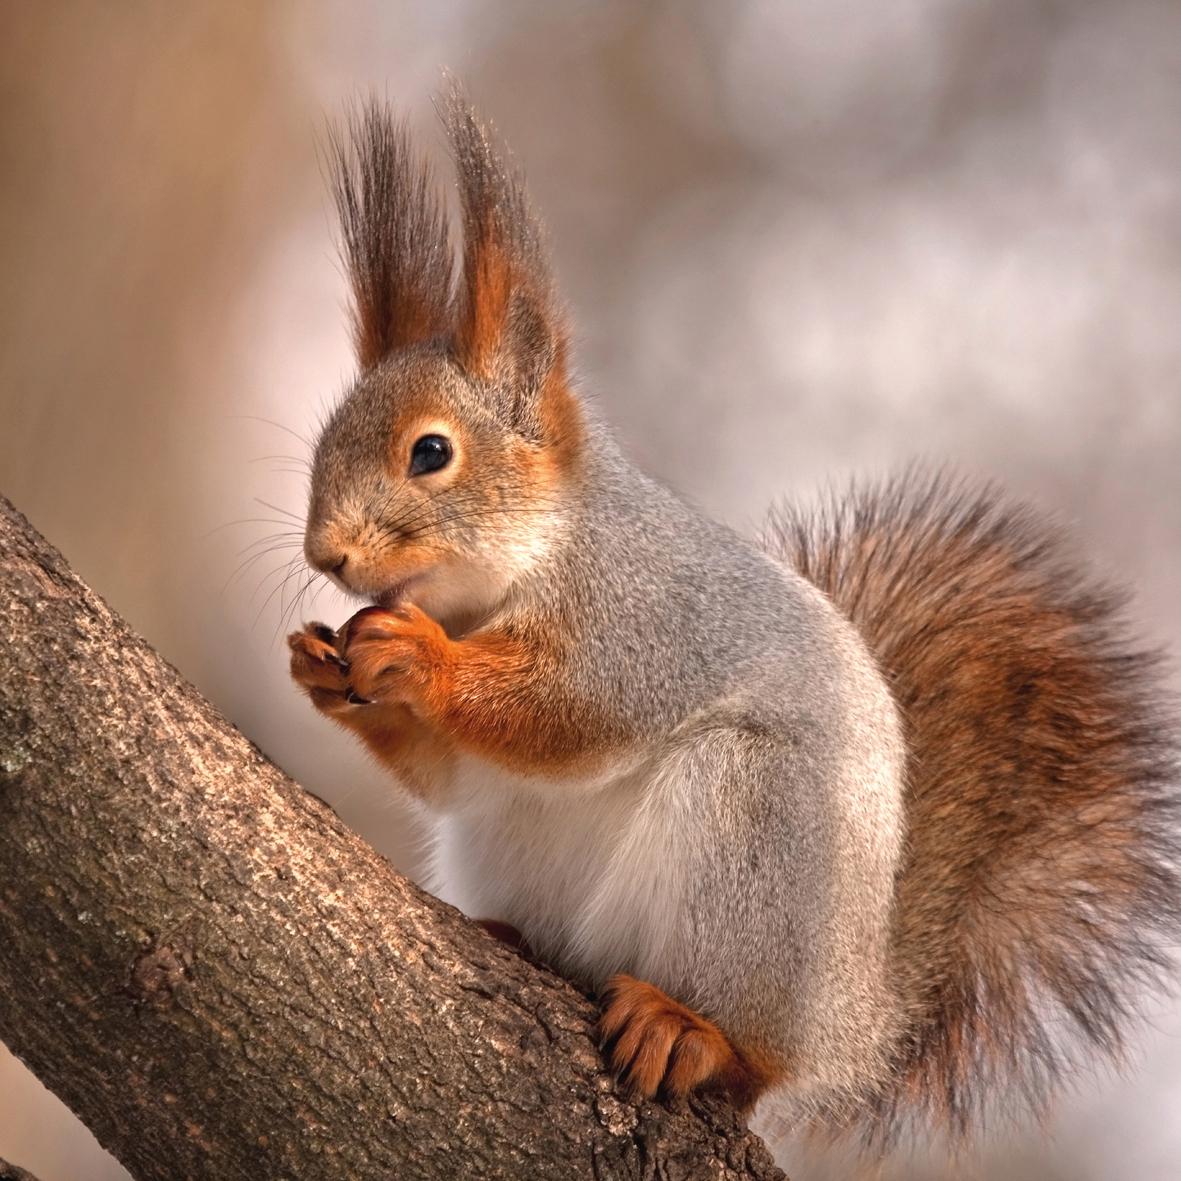 Lunch Servietten Cute Squirrel,  Tiere - Eichhörnchen,  Everyday,  lunchservietten,  Eichhörnchen